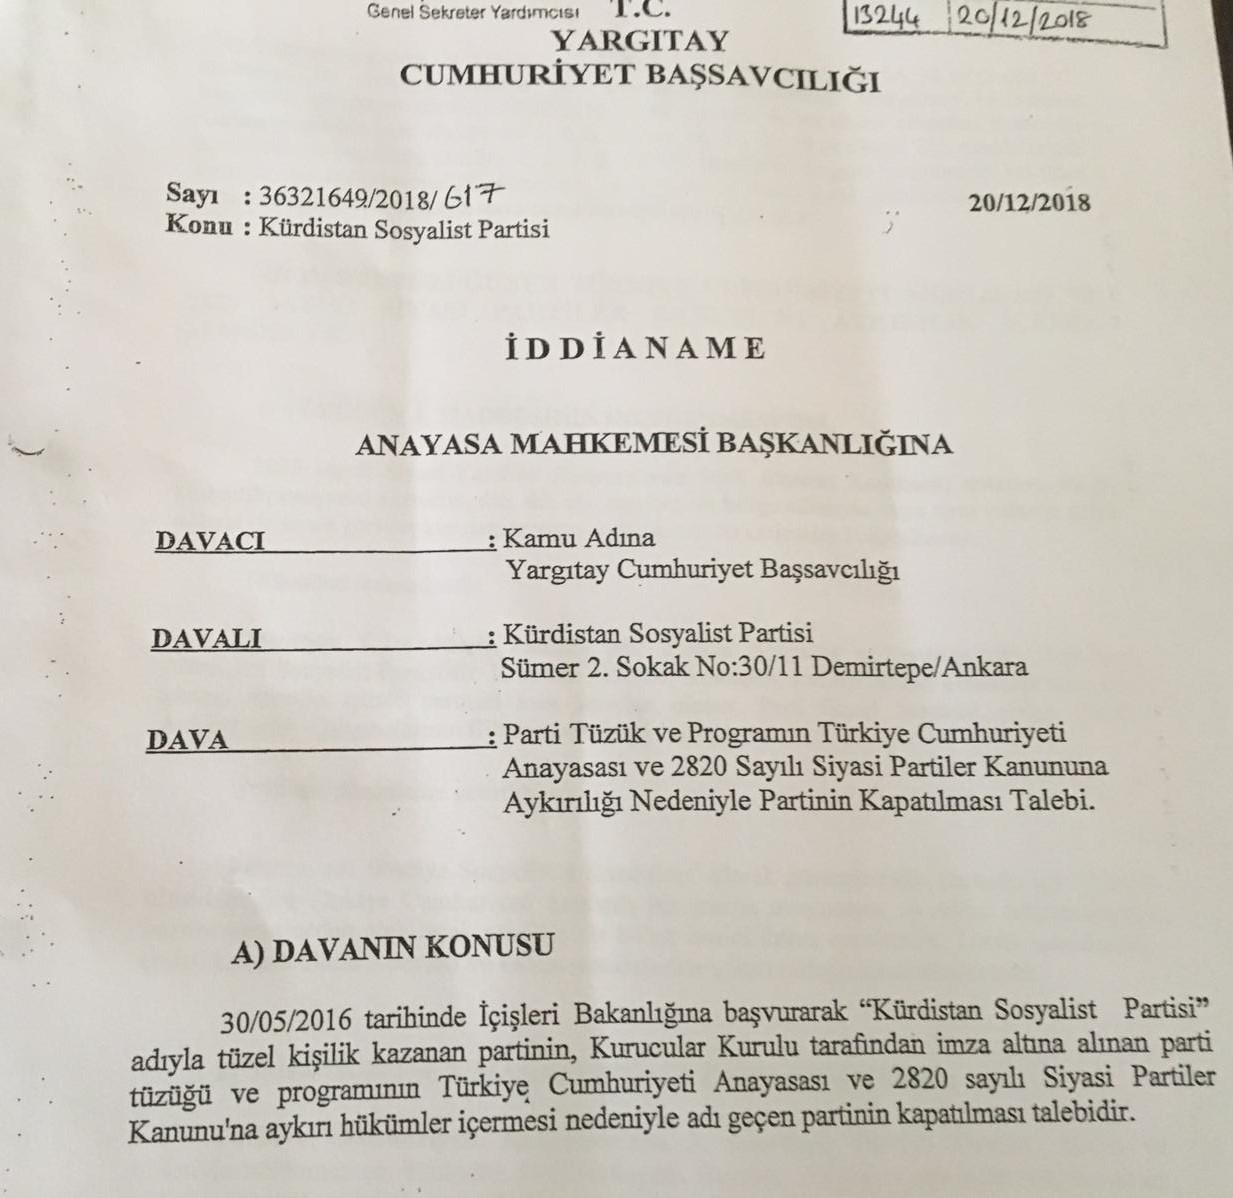 Yargıtay Cumhuriyet Başsavcılığı'nın PSK'ye gönderdiği kapatma talebi